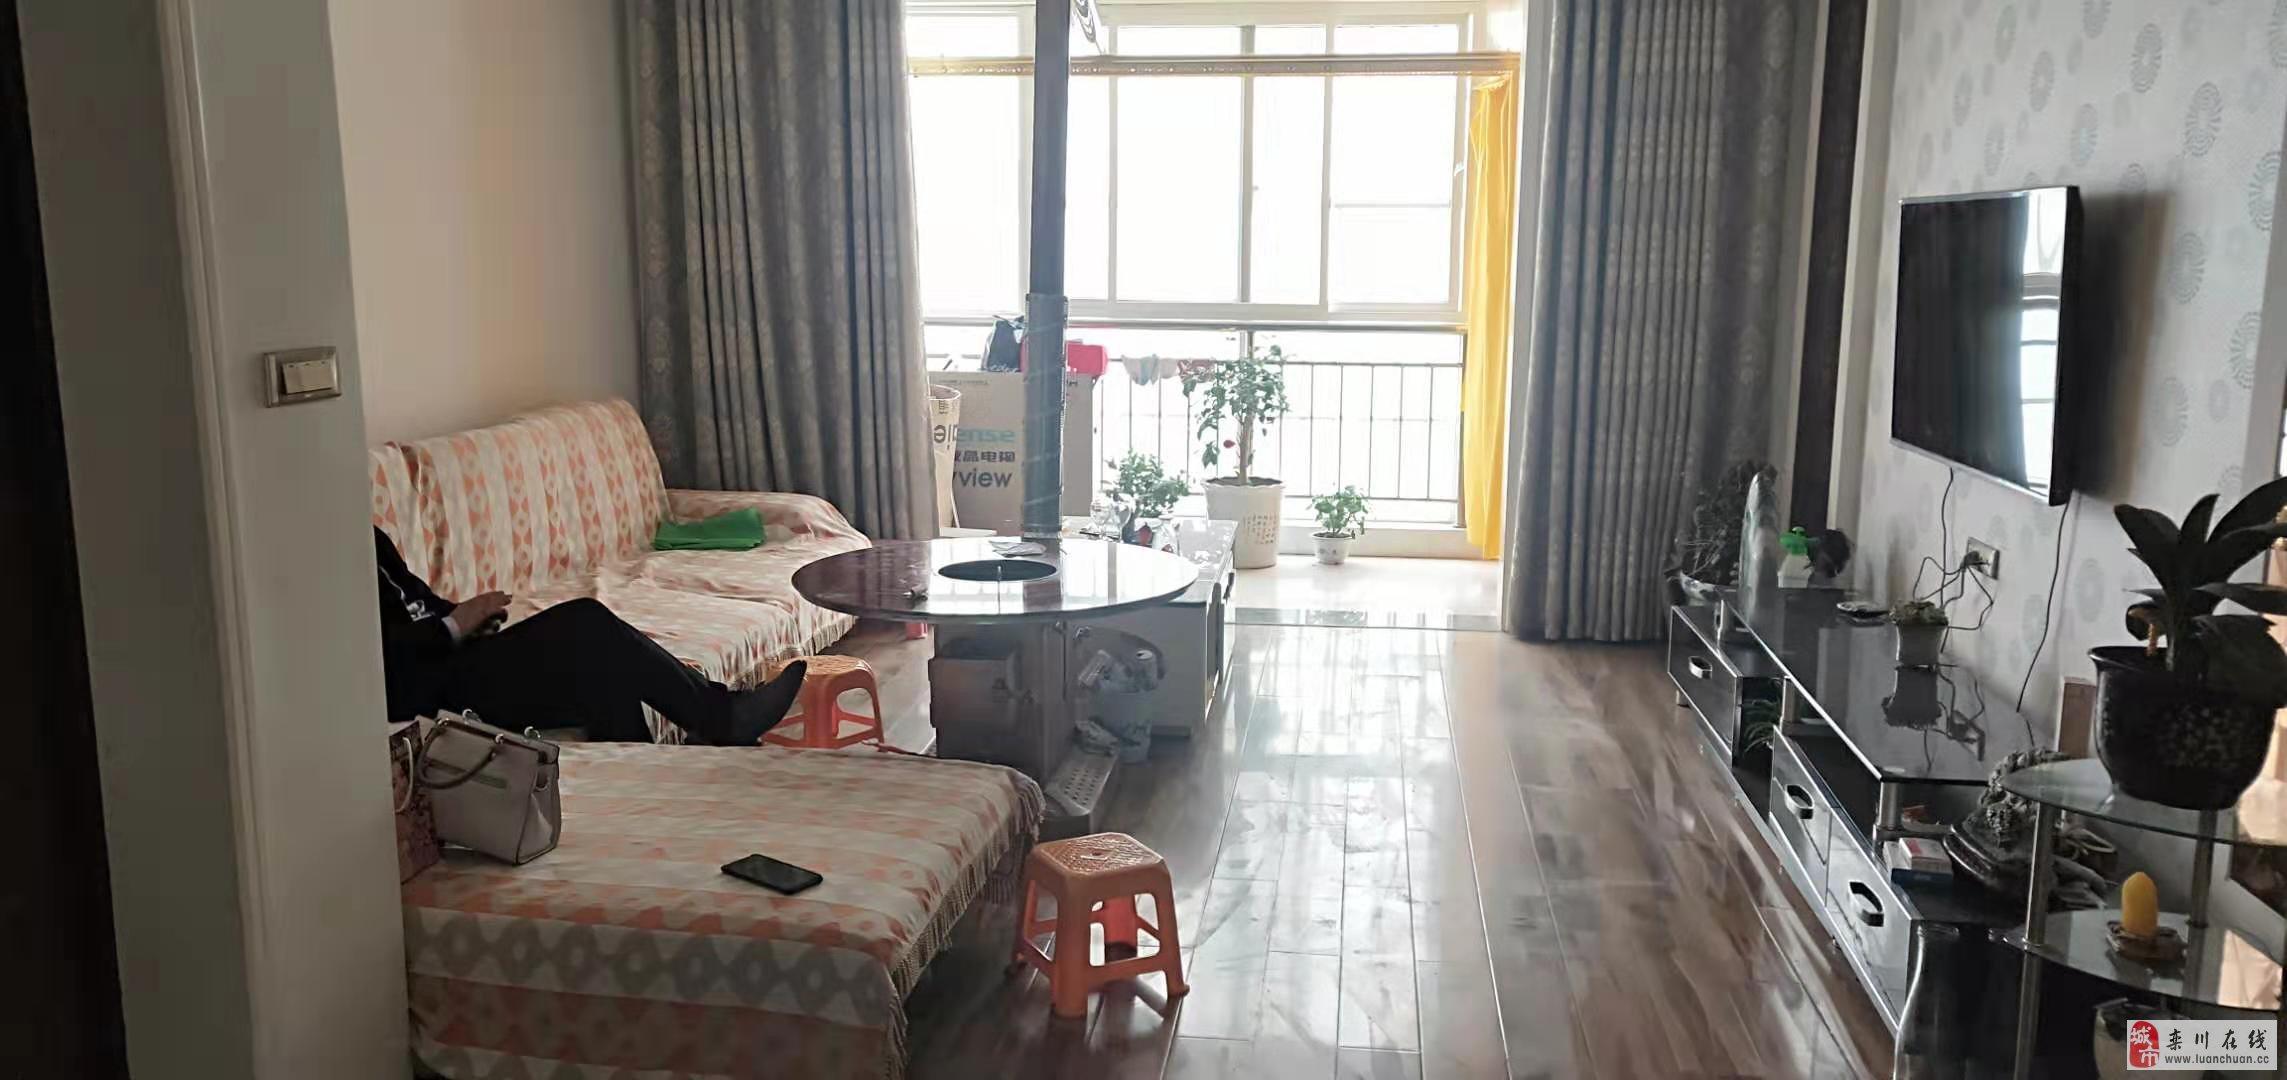 兰庭雅郡2室2厅1卫27万精装出售